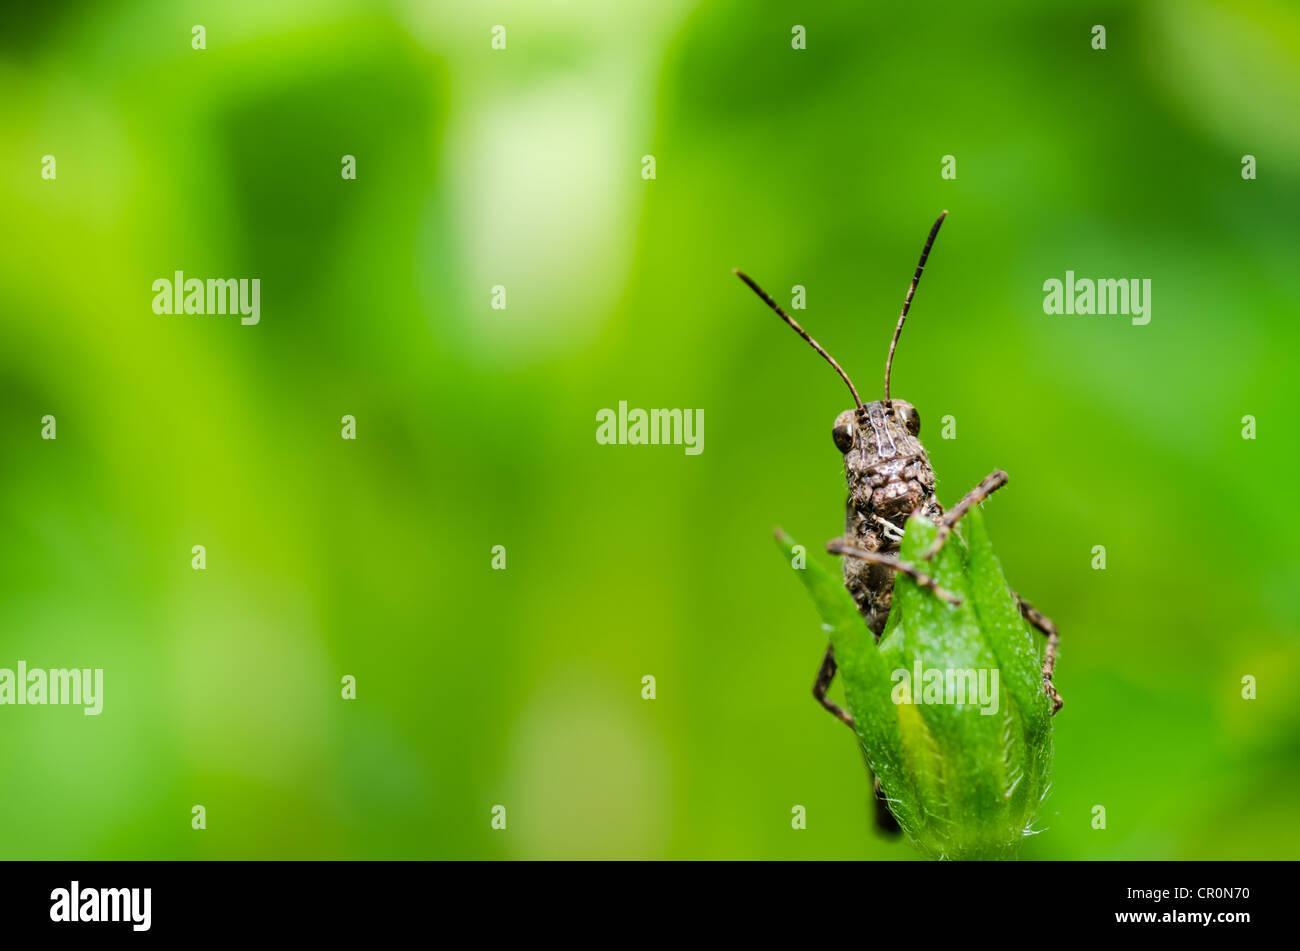 Heuschrecke Makro in grüner Natur oder im Garten Stockbild